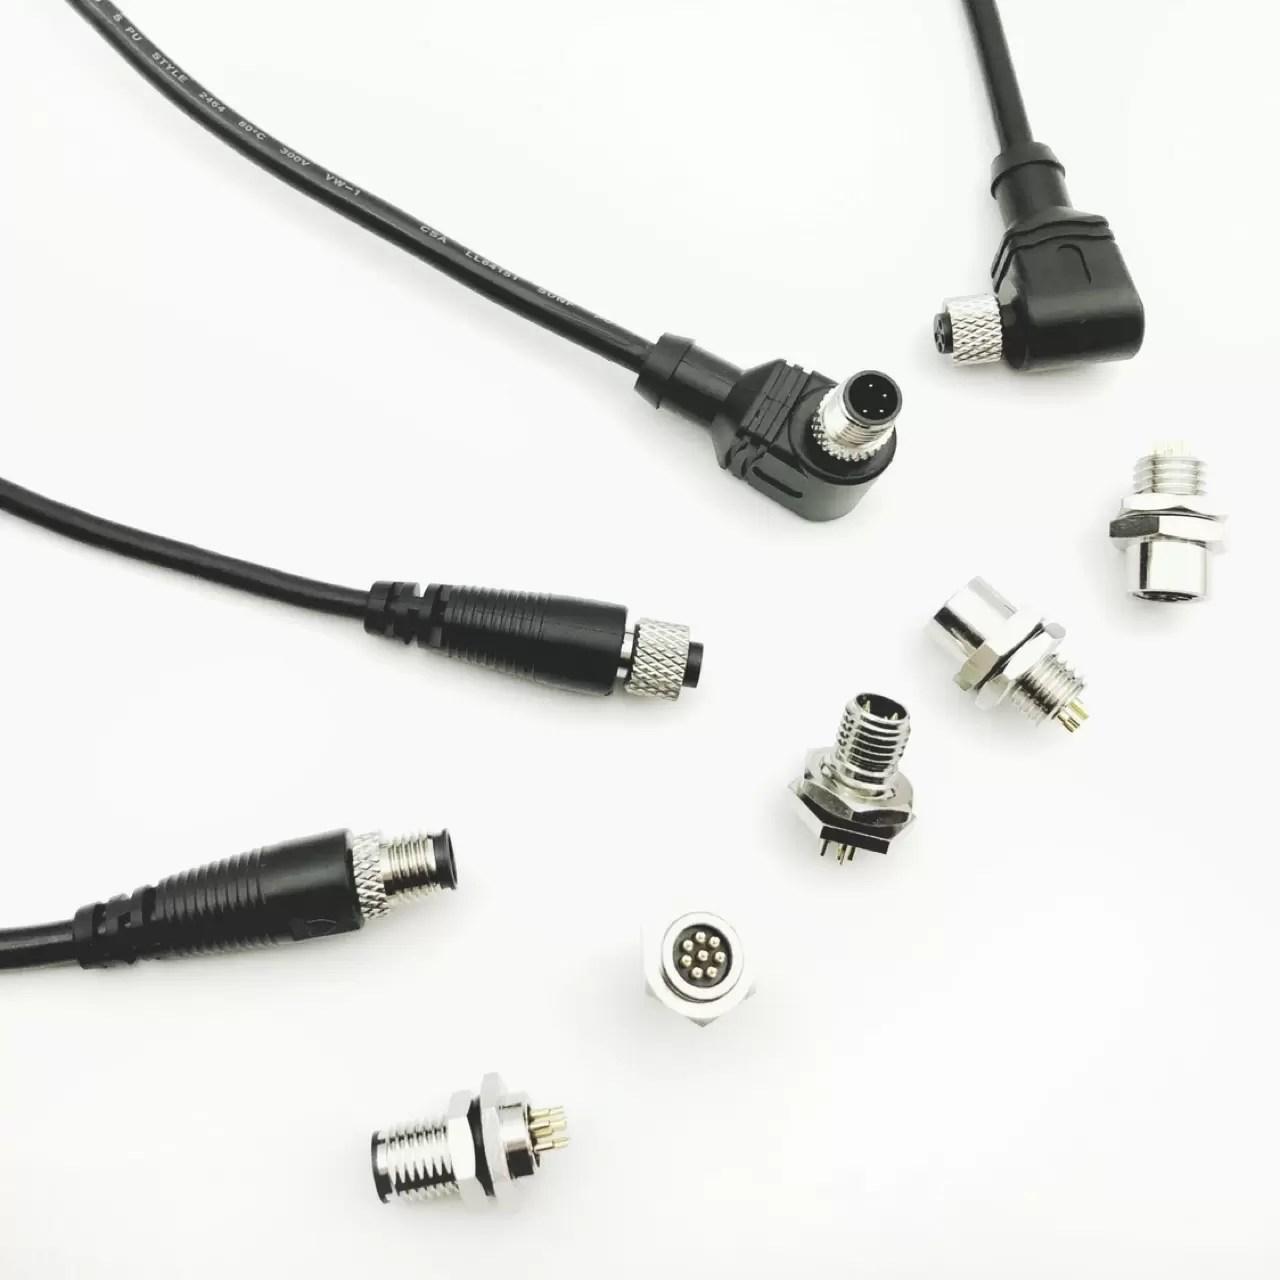 M8圓型接頭 | 專業M8圓型接頭電子元件製造商 | 慶陞工業股份有限公司